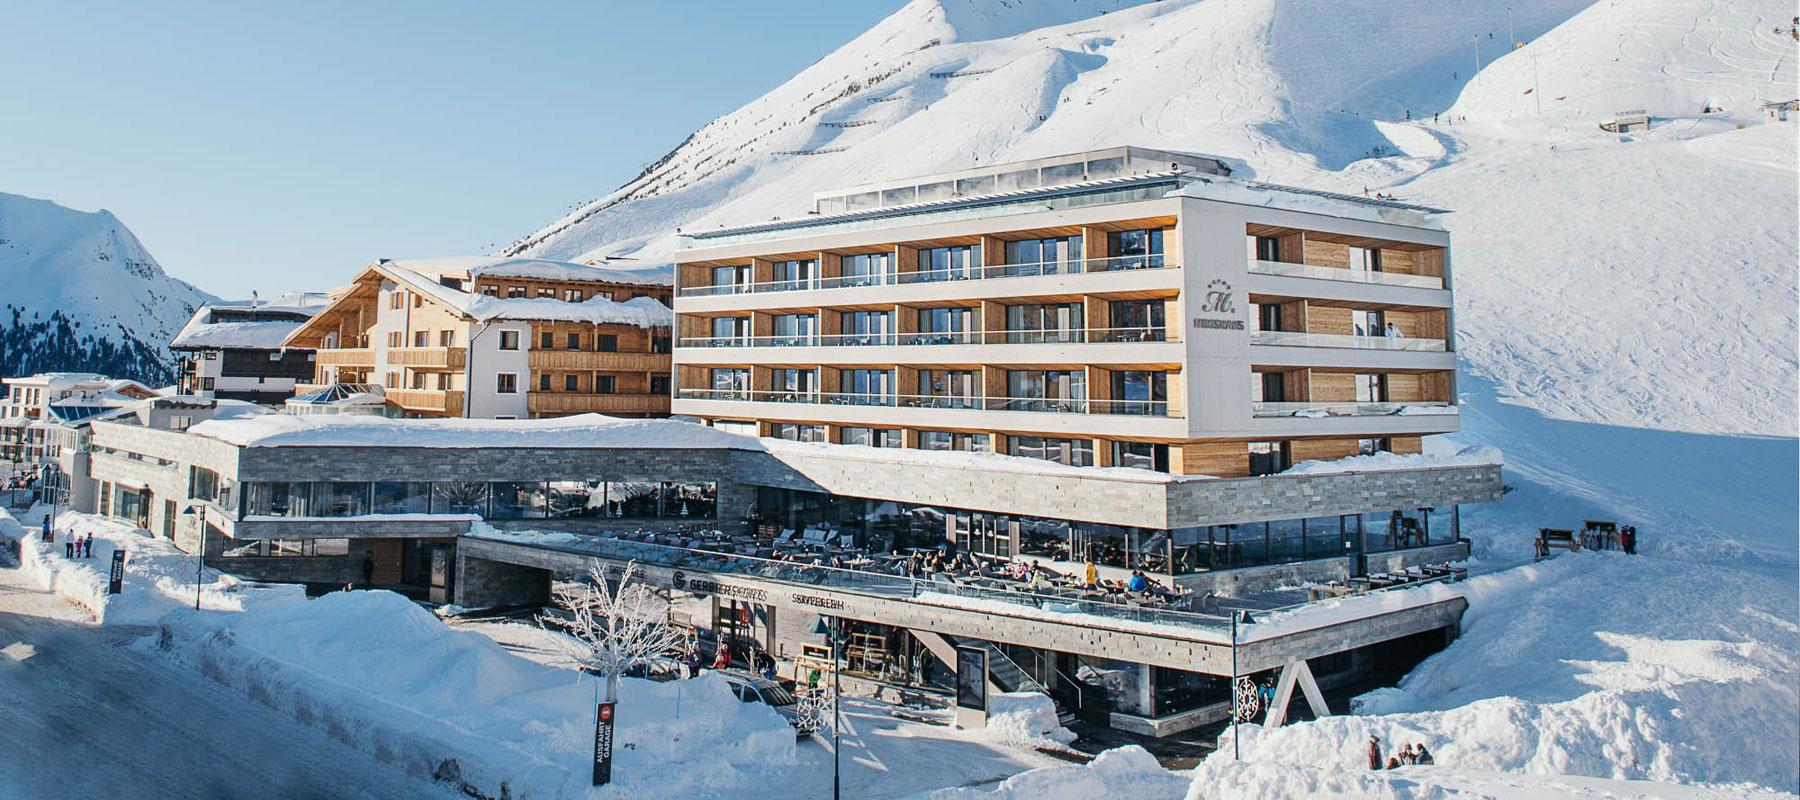 Hotel Mooshaus